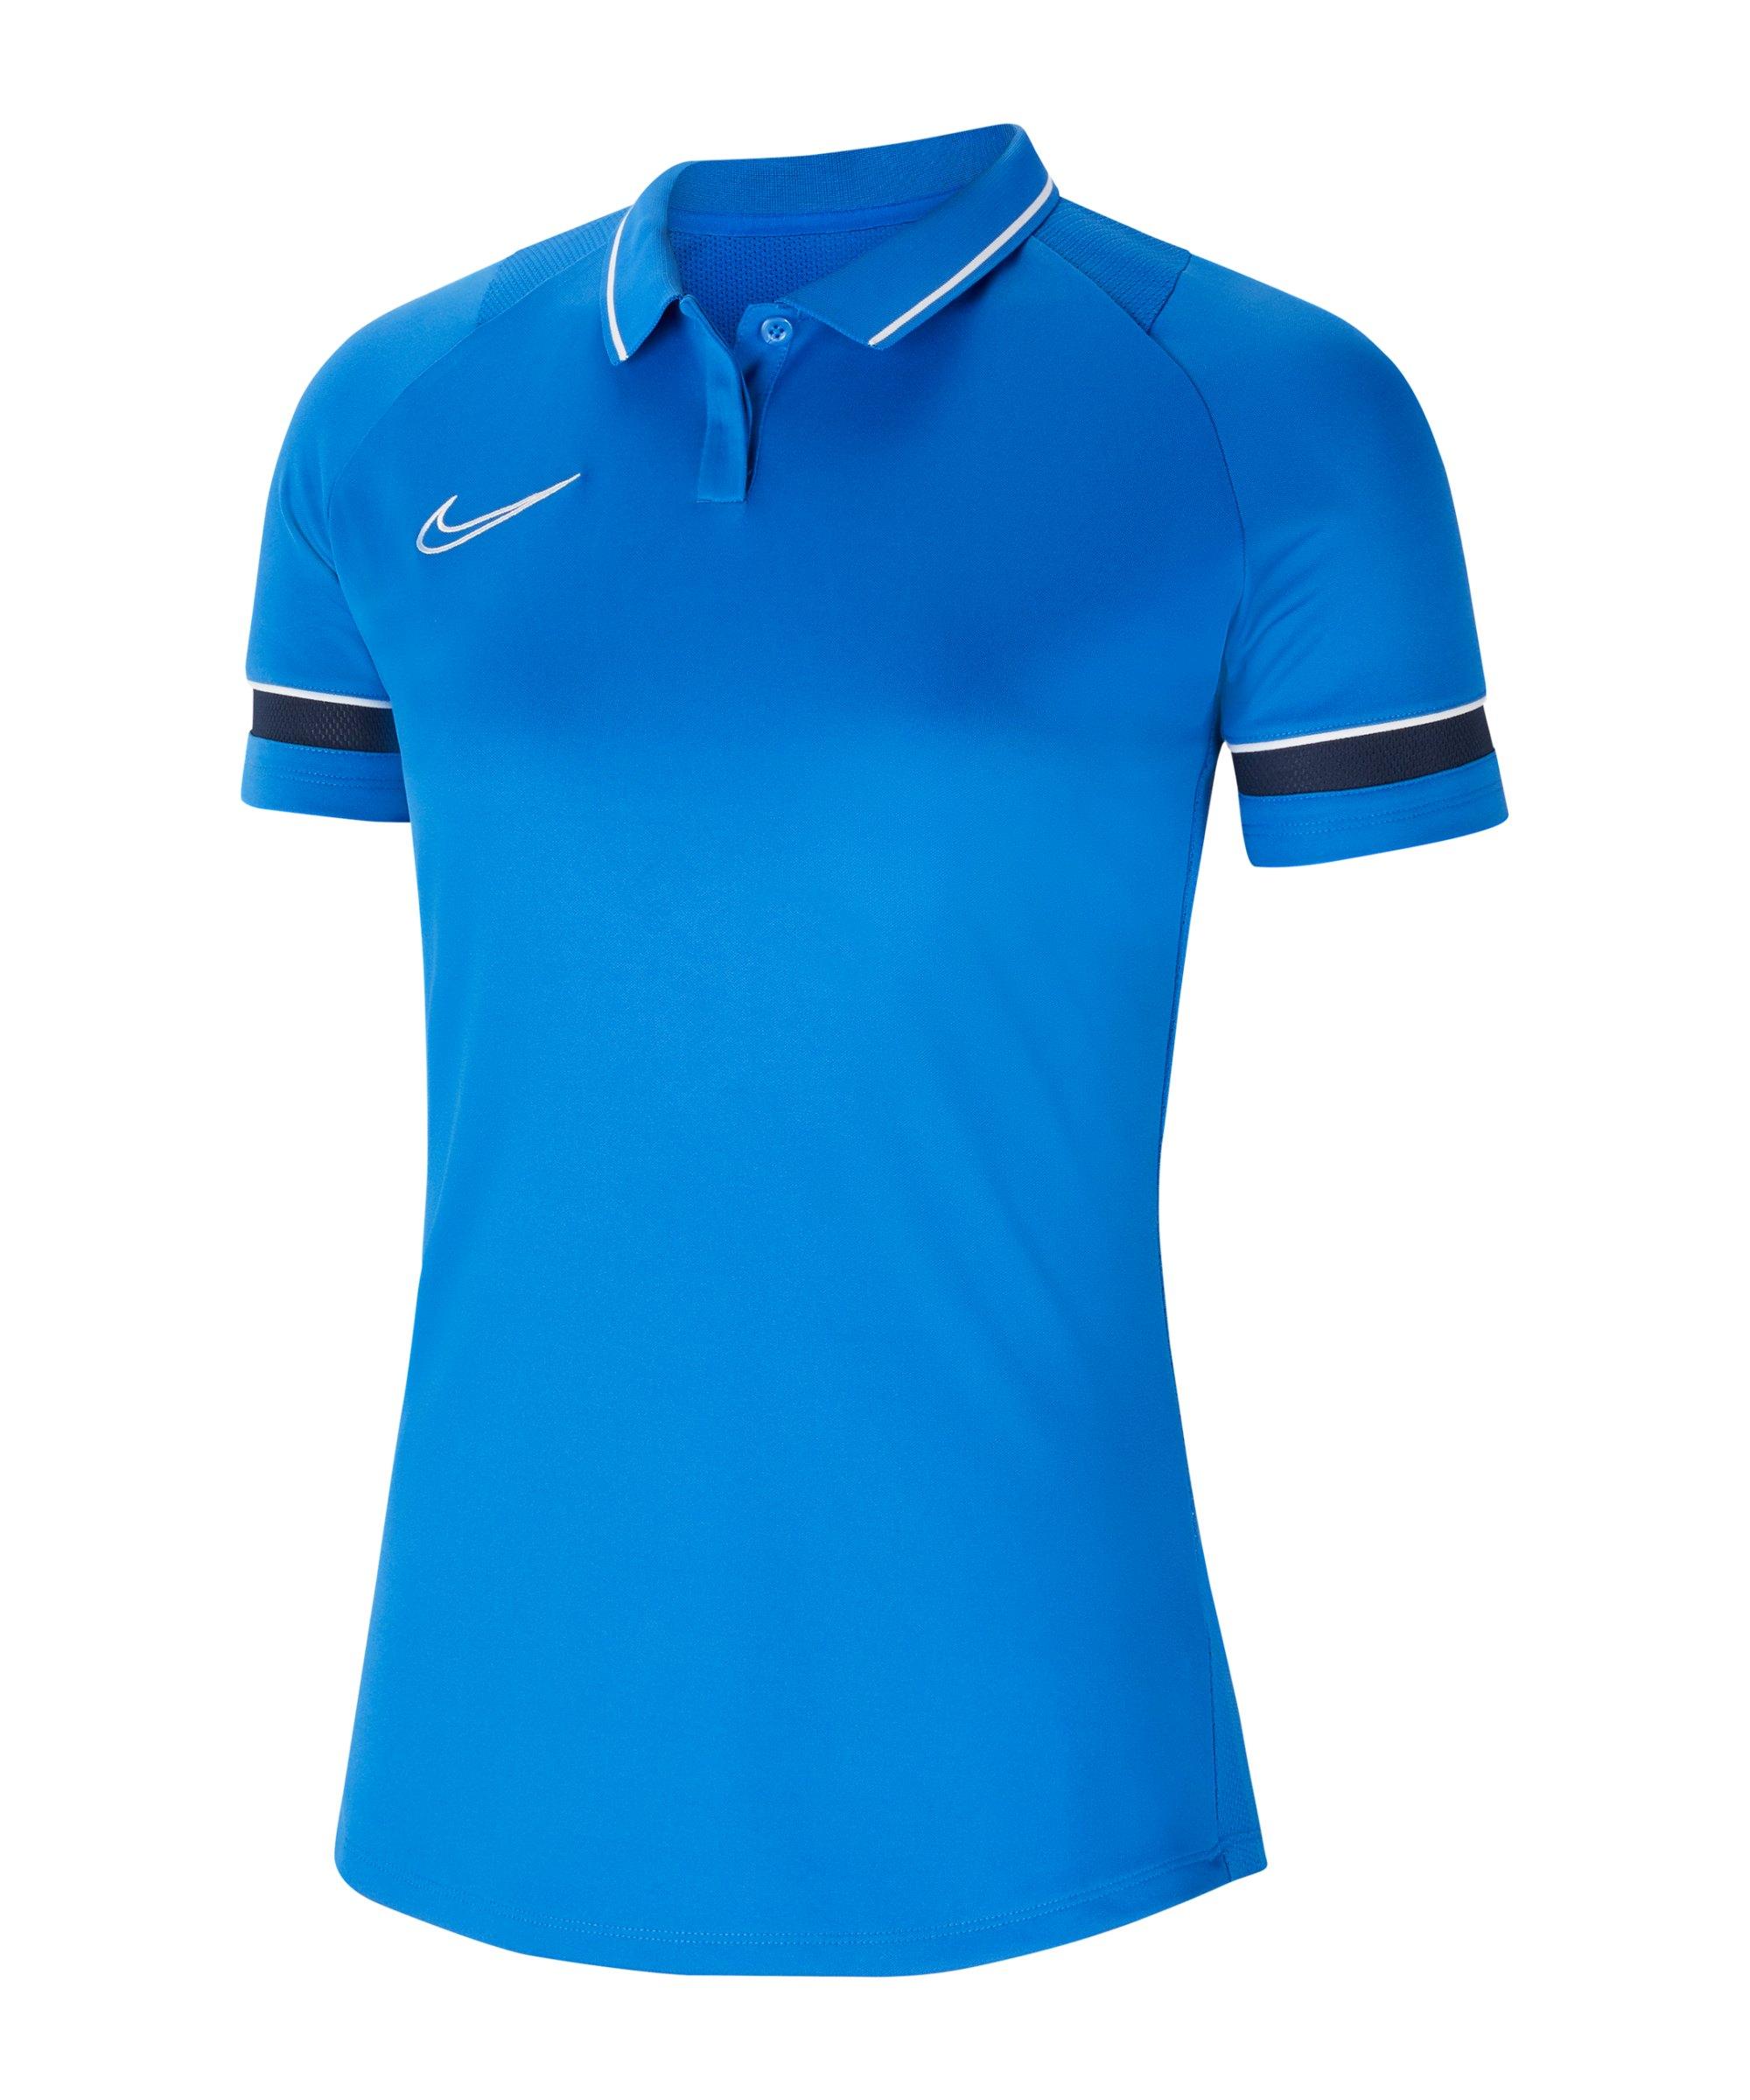 Nike Academy 21 Poloshirt Damen Blau F463 - blau